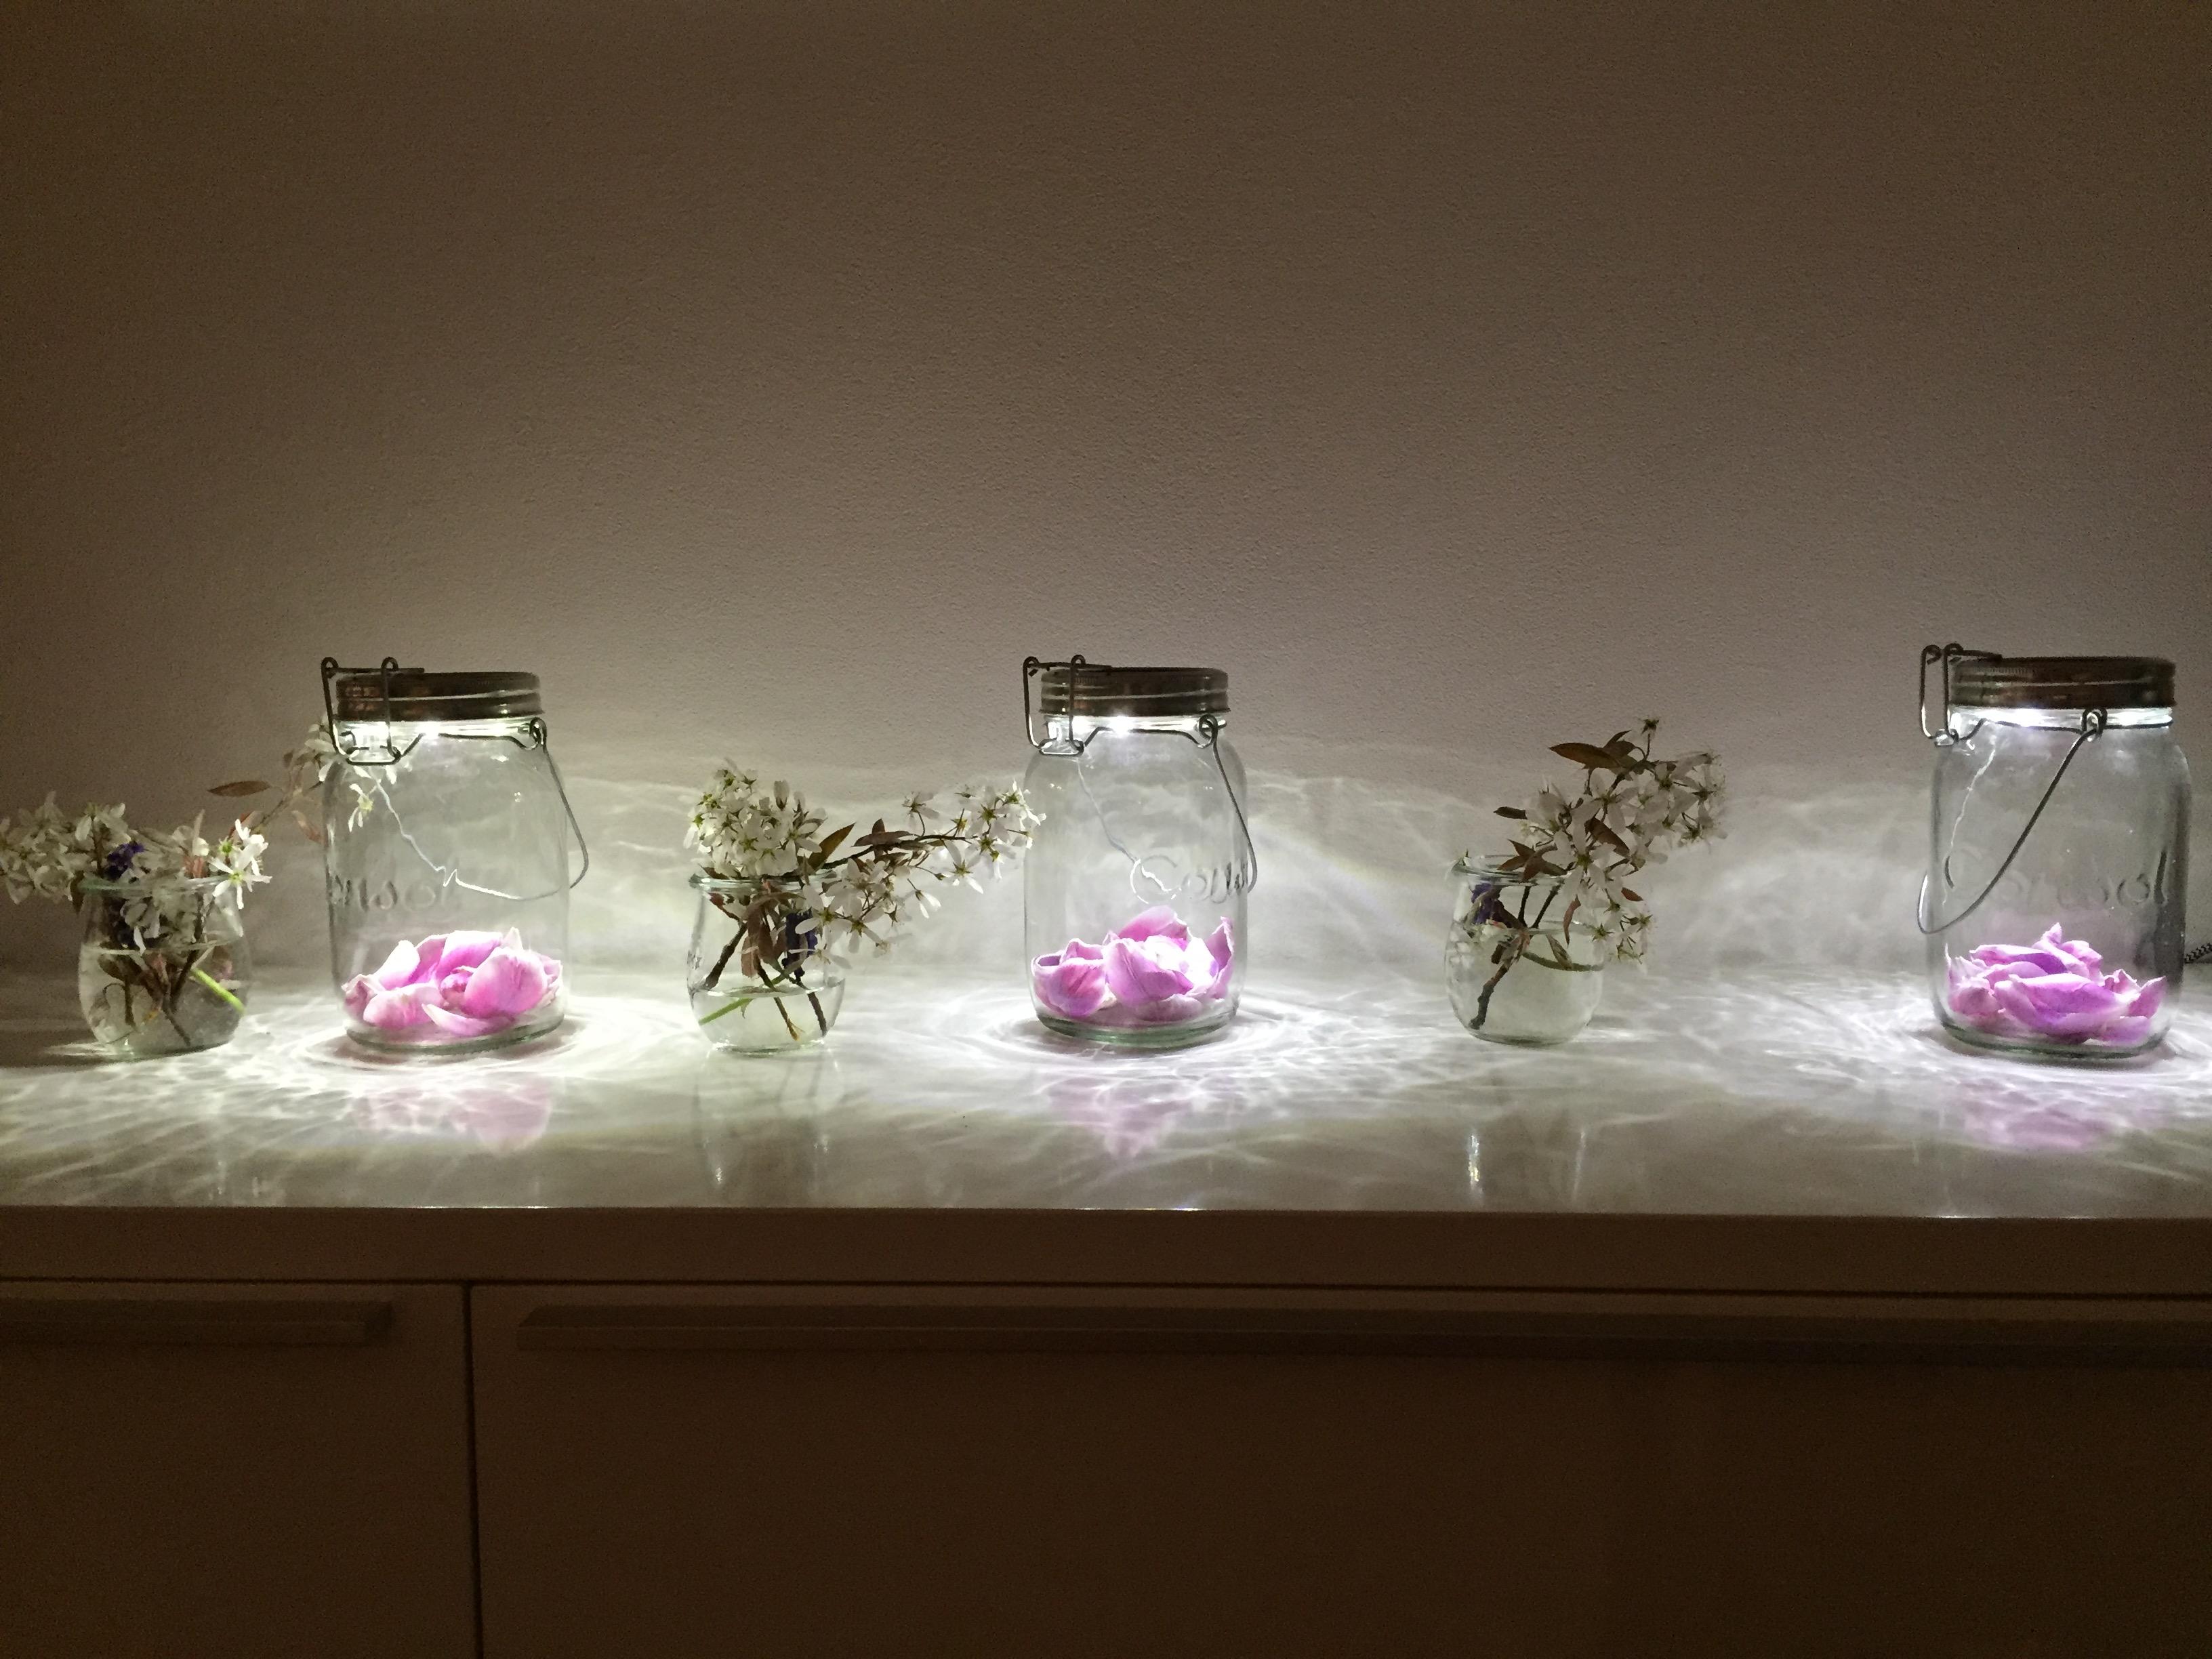 Original sonnenglas die solarleuchte mit 1000 und 1 deko m glichkeiten metallmichl - Glaser dekorieren mit sand ...